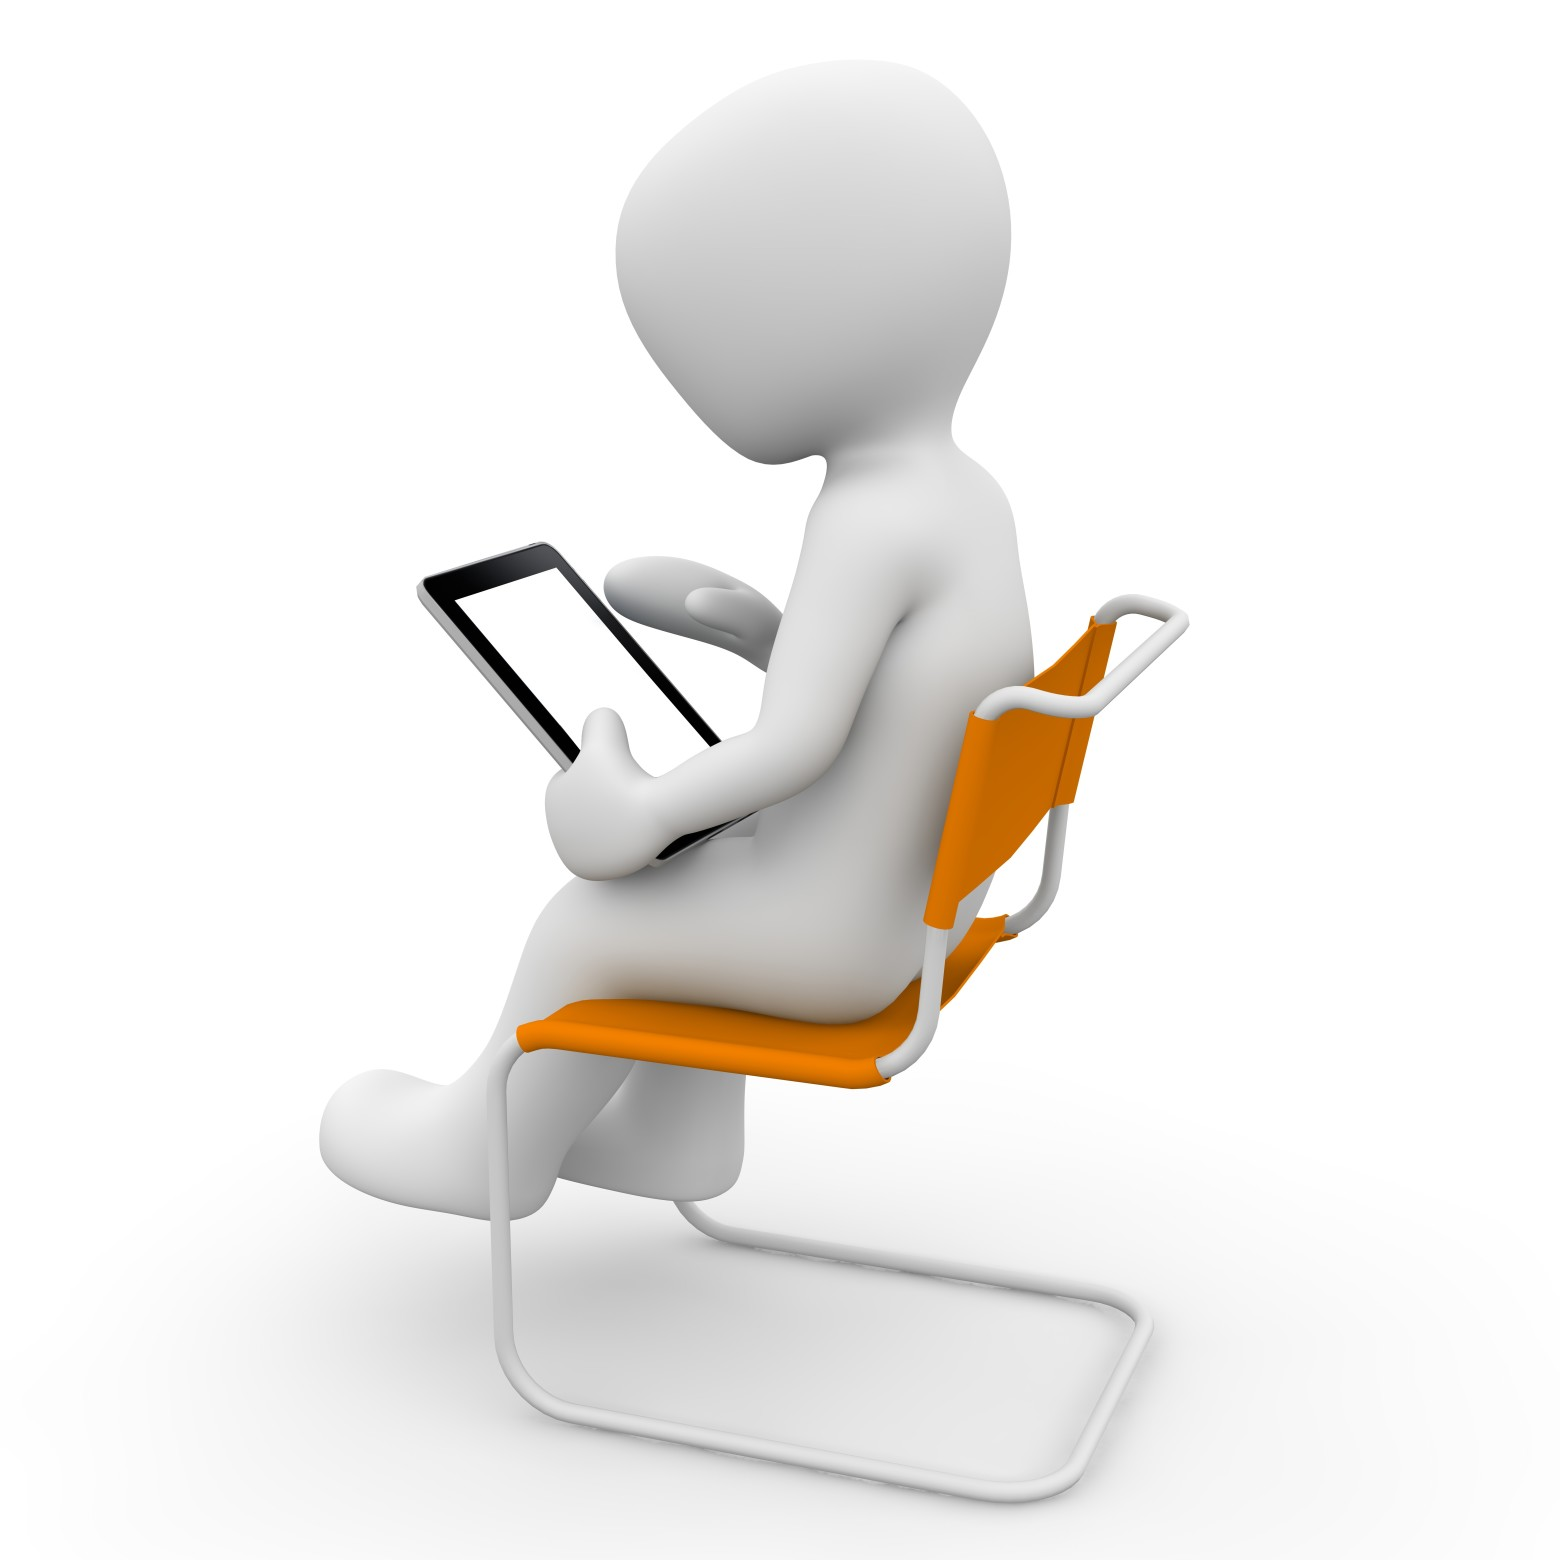 Bonhomme blanc ordinateur informatique images gratuites for Bureau images gratuites